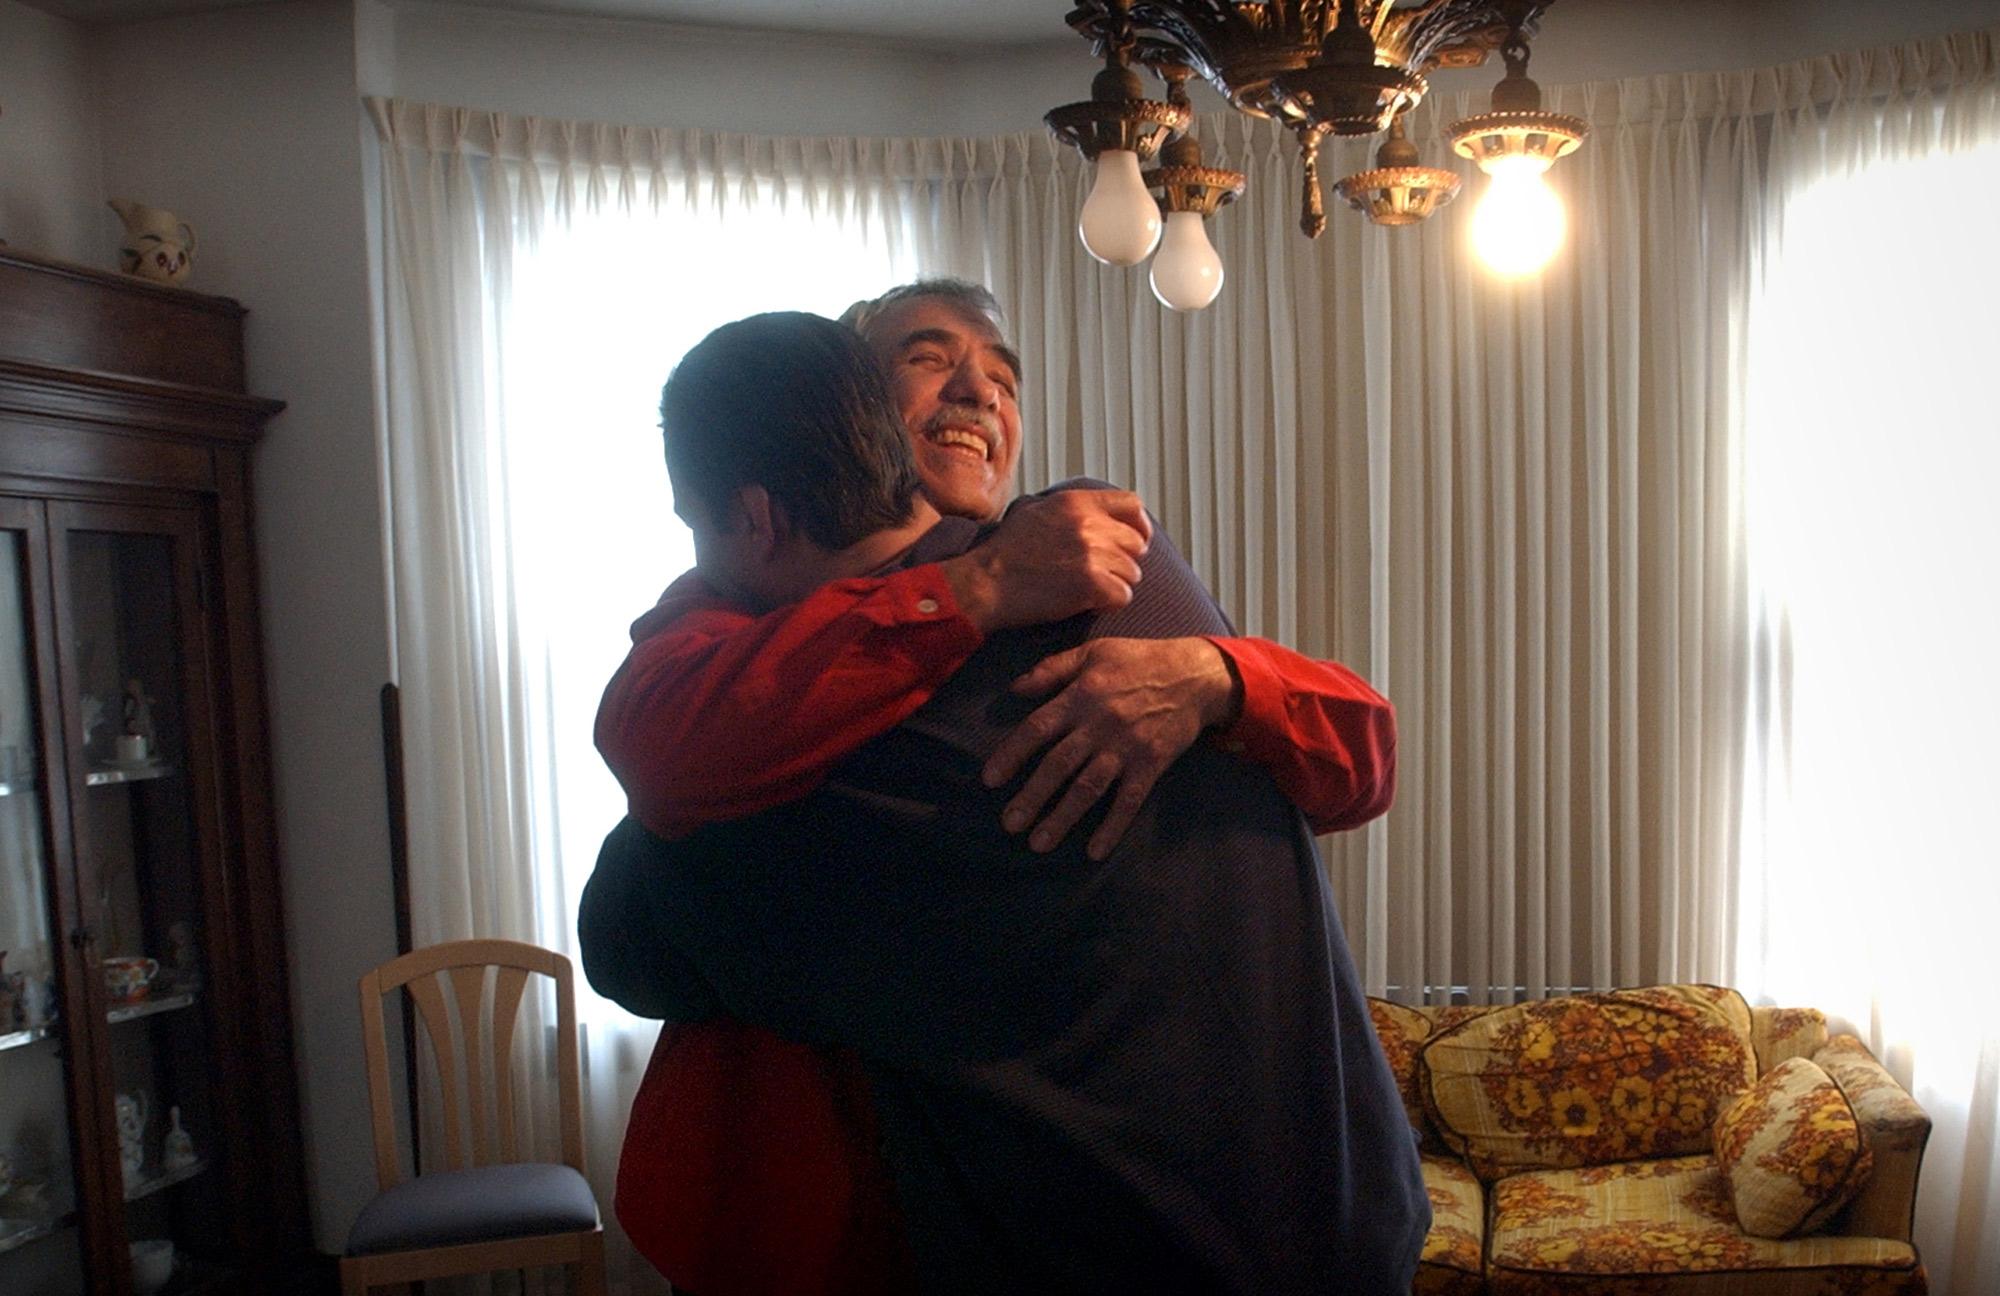 Christos Melacrinos embraces once-homeless Richard Sesek in Sesek's new apartment.